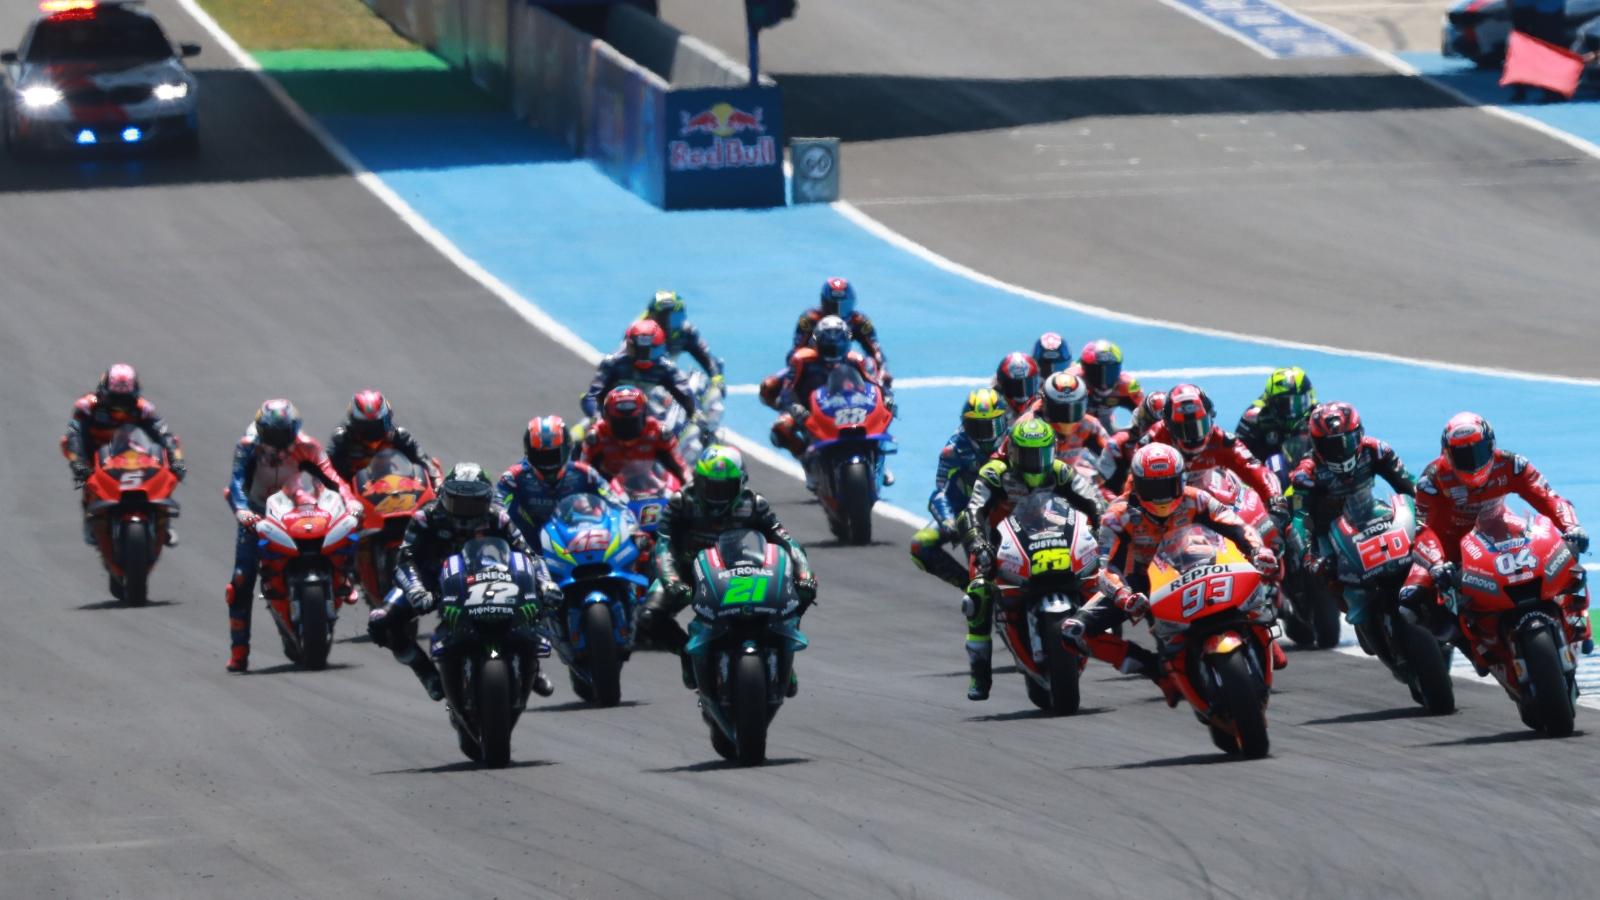 Calendarios 2020: MotoGP, WorldSBK, FIM CEV, ESBK, EWC, BSB, MotoAmerica, CIV y más